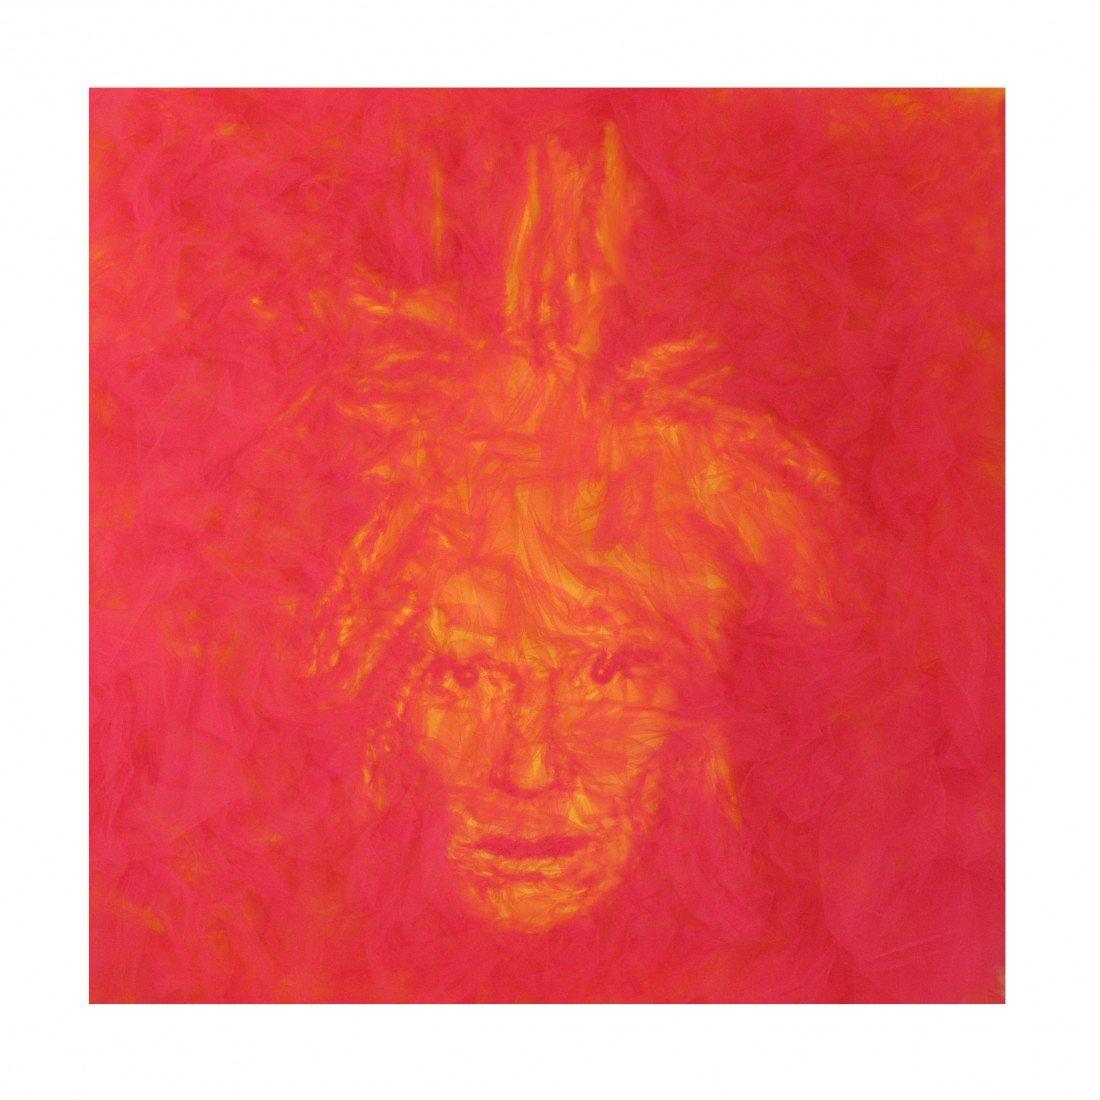 14: Benjamin Shine, 15 Metres of Fame, 2011